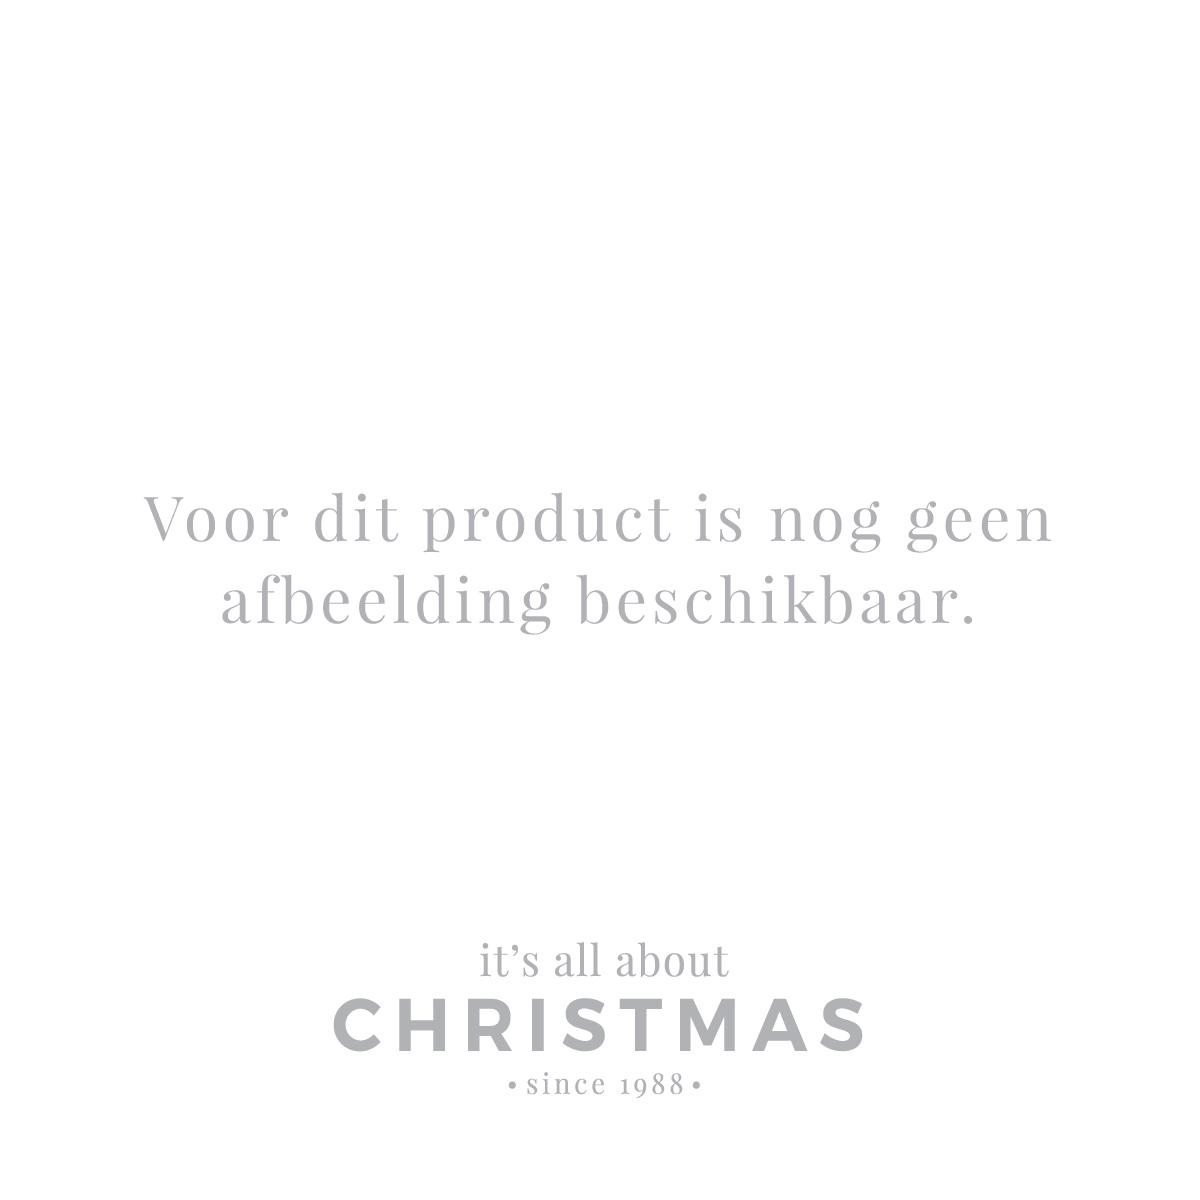 12 Christbaumschmuck Sterne Home-Sweet-Home-Mix, Kunststoff, 10 cm